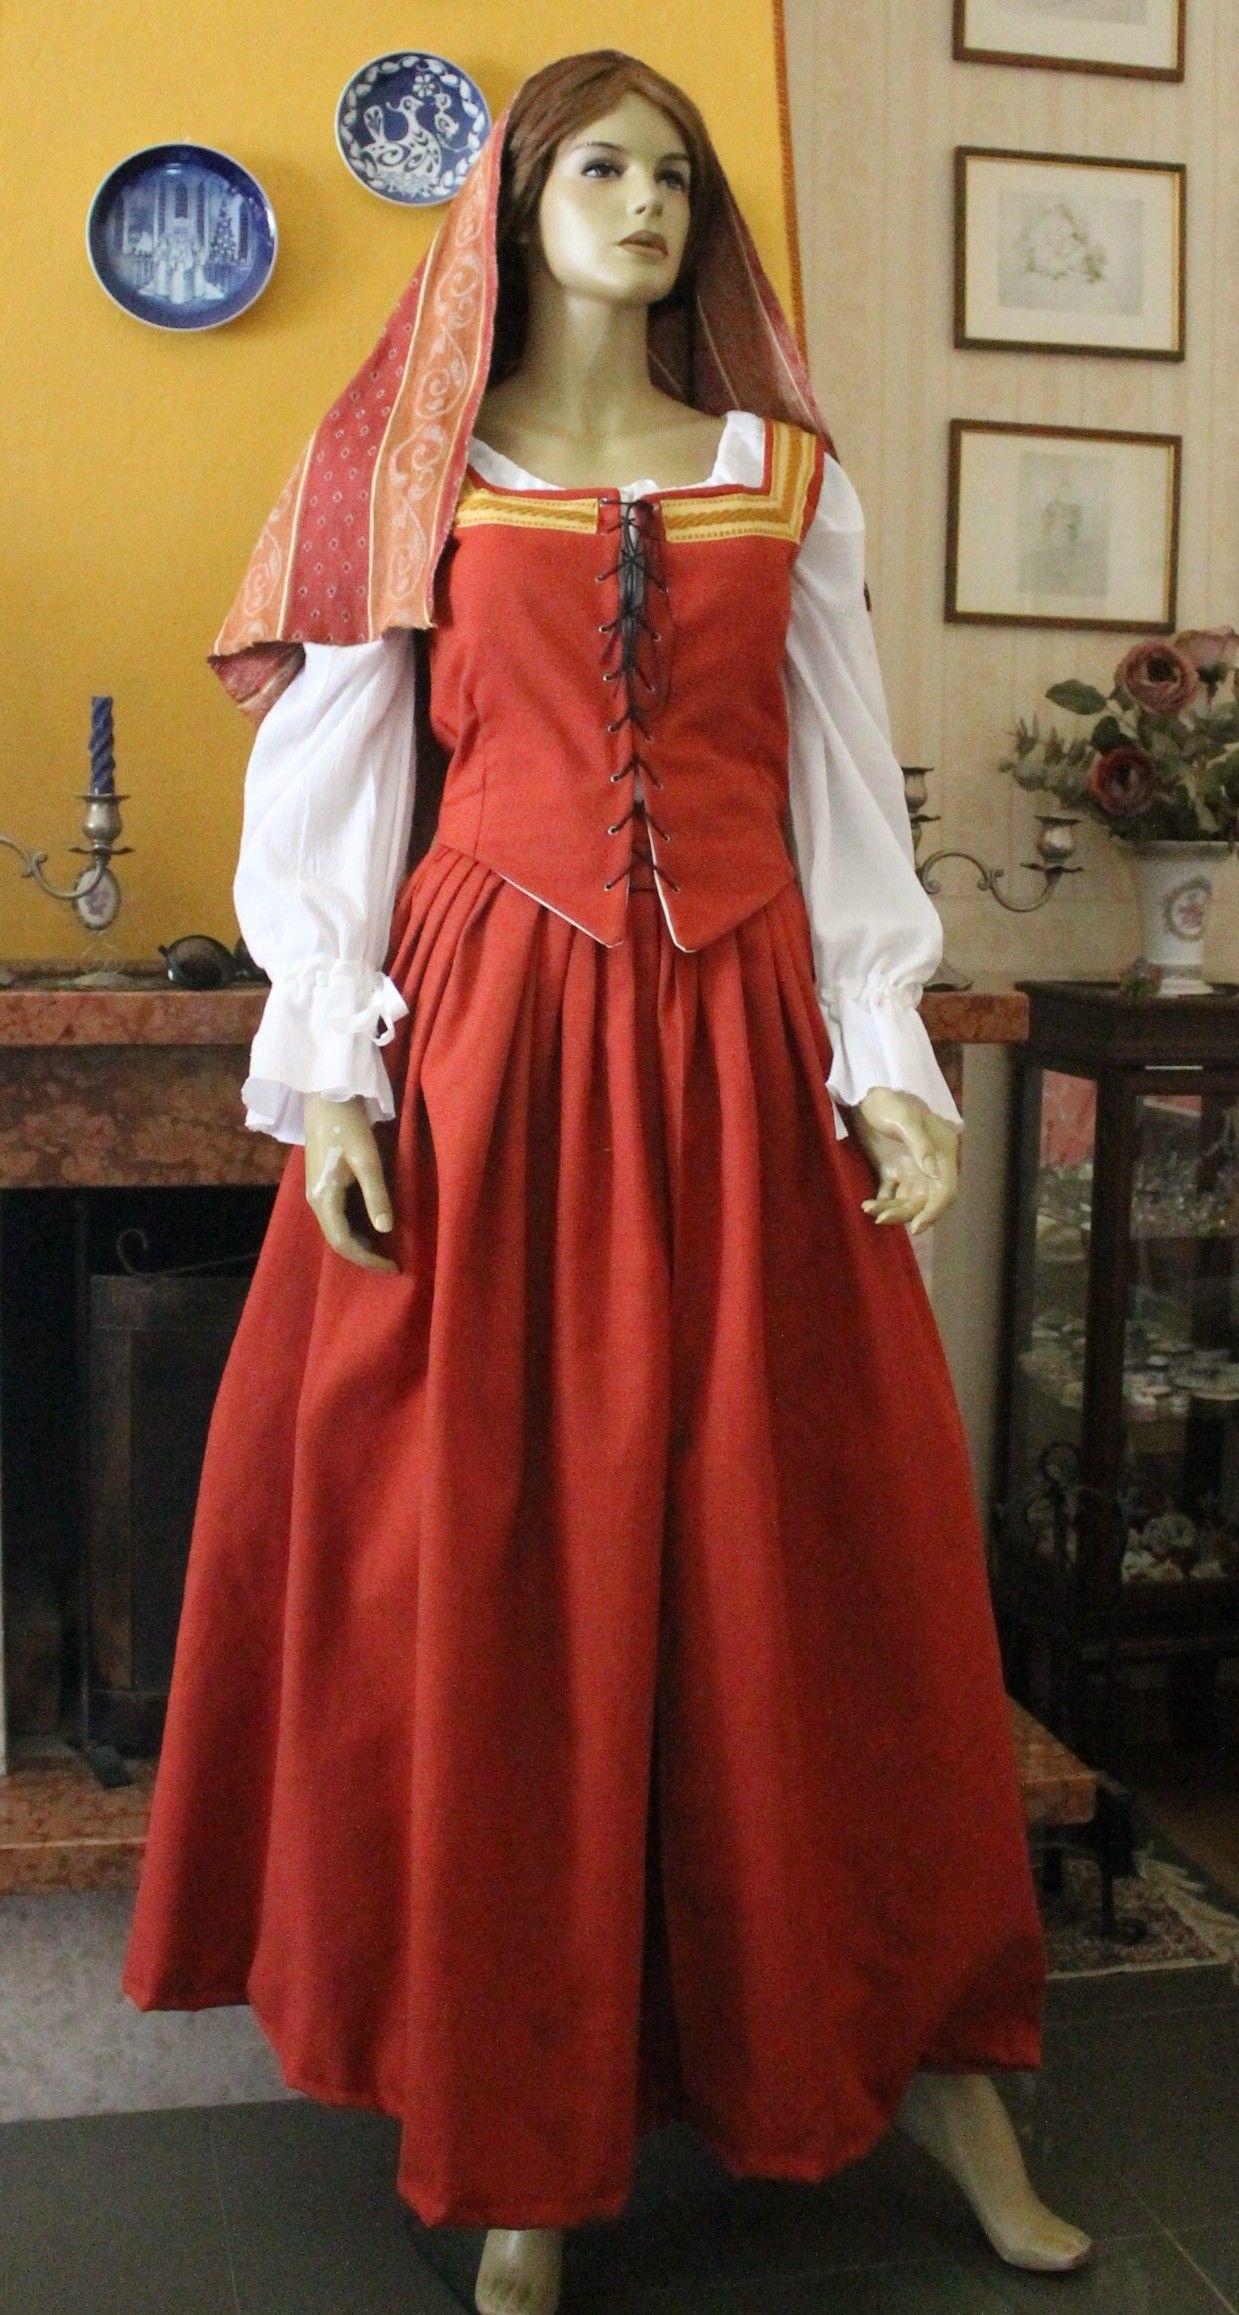 3c44c67a828d ABITI COSTUMI STORICI POPOLARI 1500 Abito Costume storico 1400 femminile